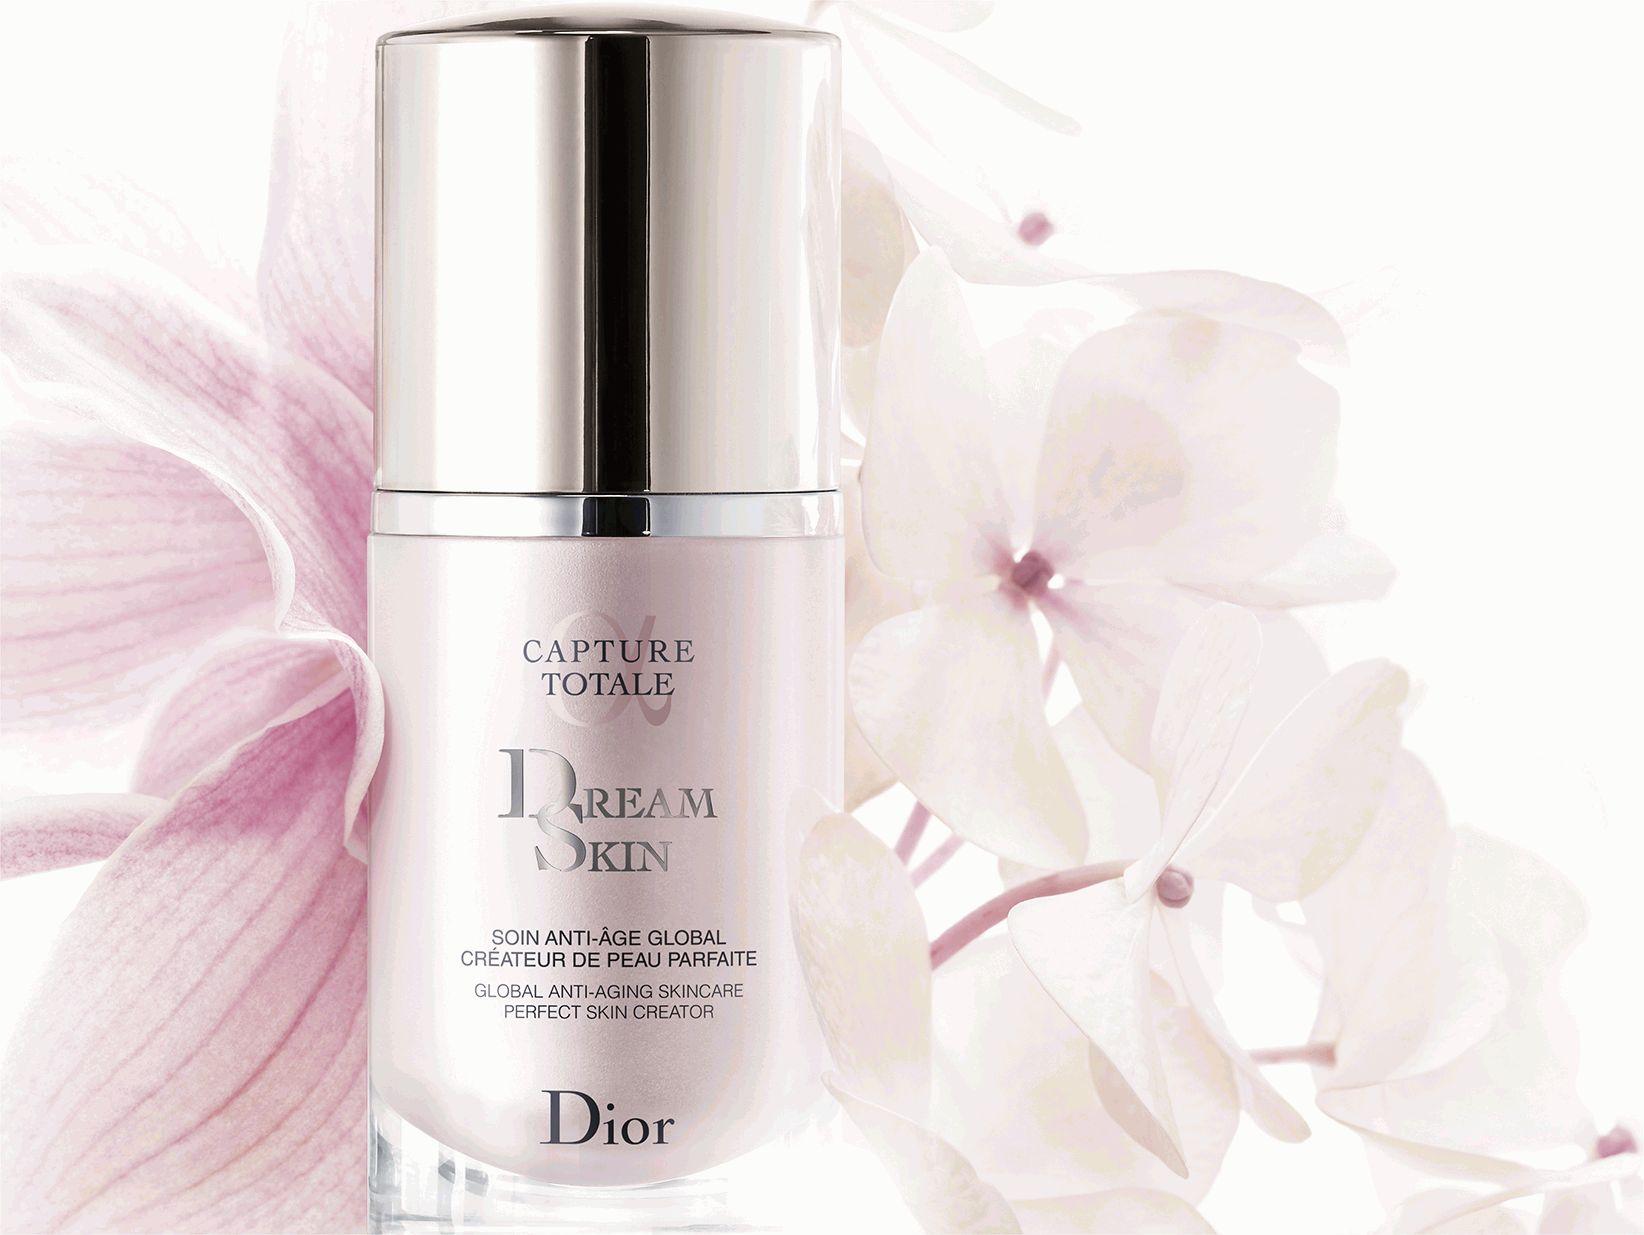 Capture Totale Dream Skin,Dior,сыворотка,крем,Ева Герцигова,видео